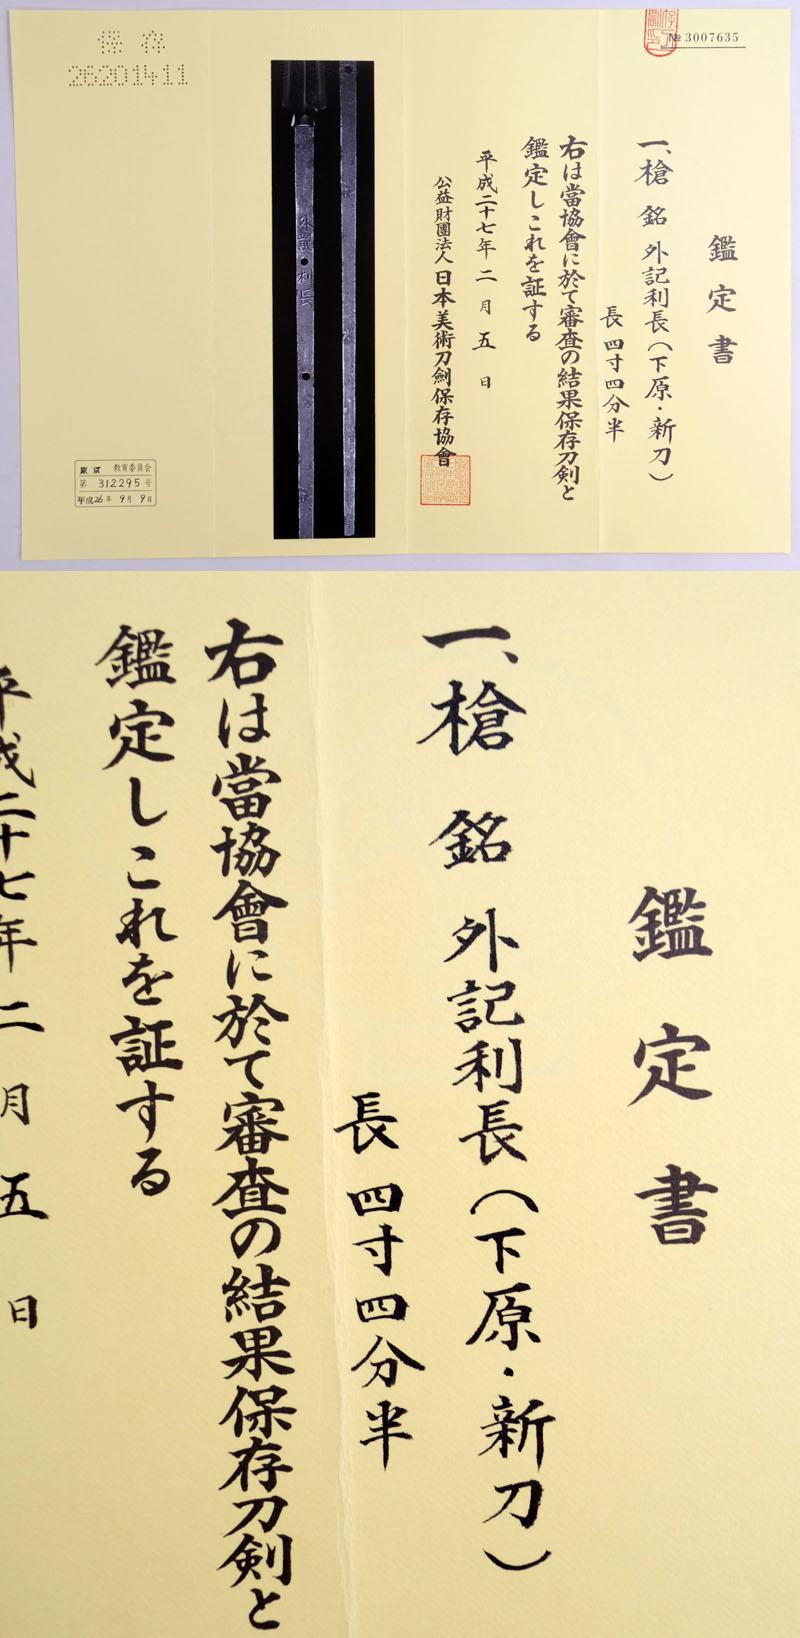 外記利長(下原・新刀)(2代) Picture of Certificate